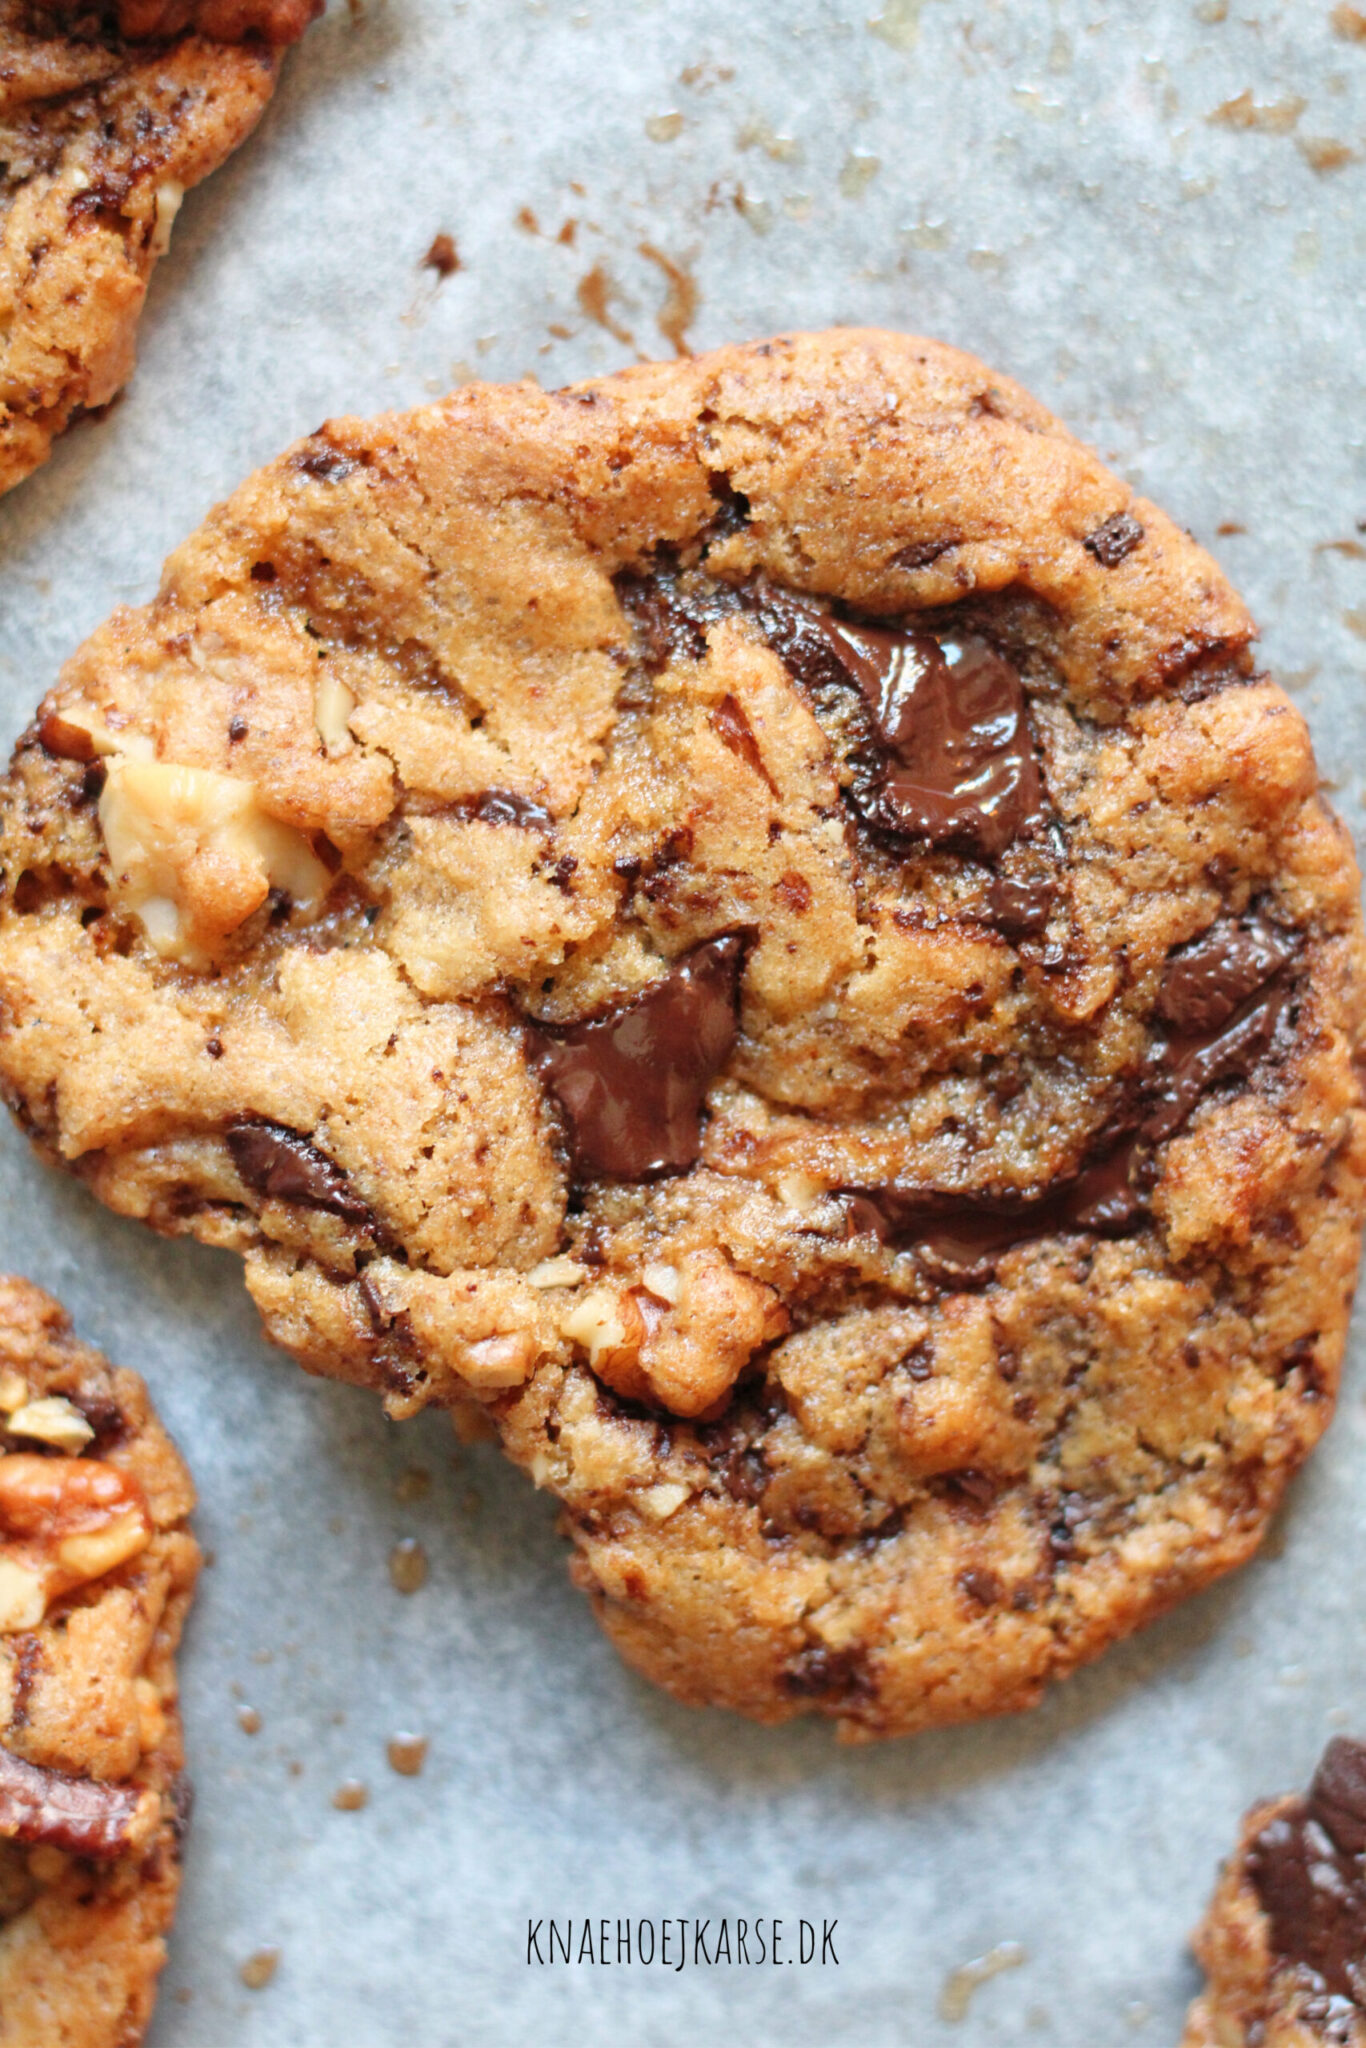 veganske chocolate chip cookies med kaffe og valnødder